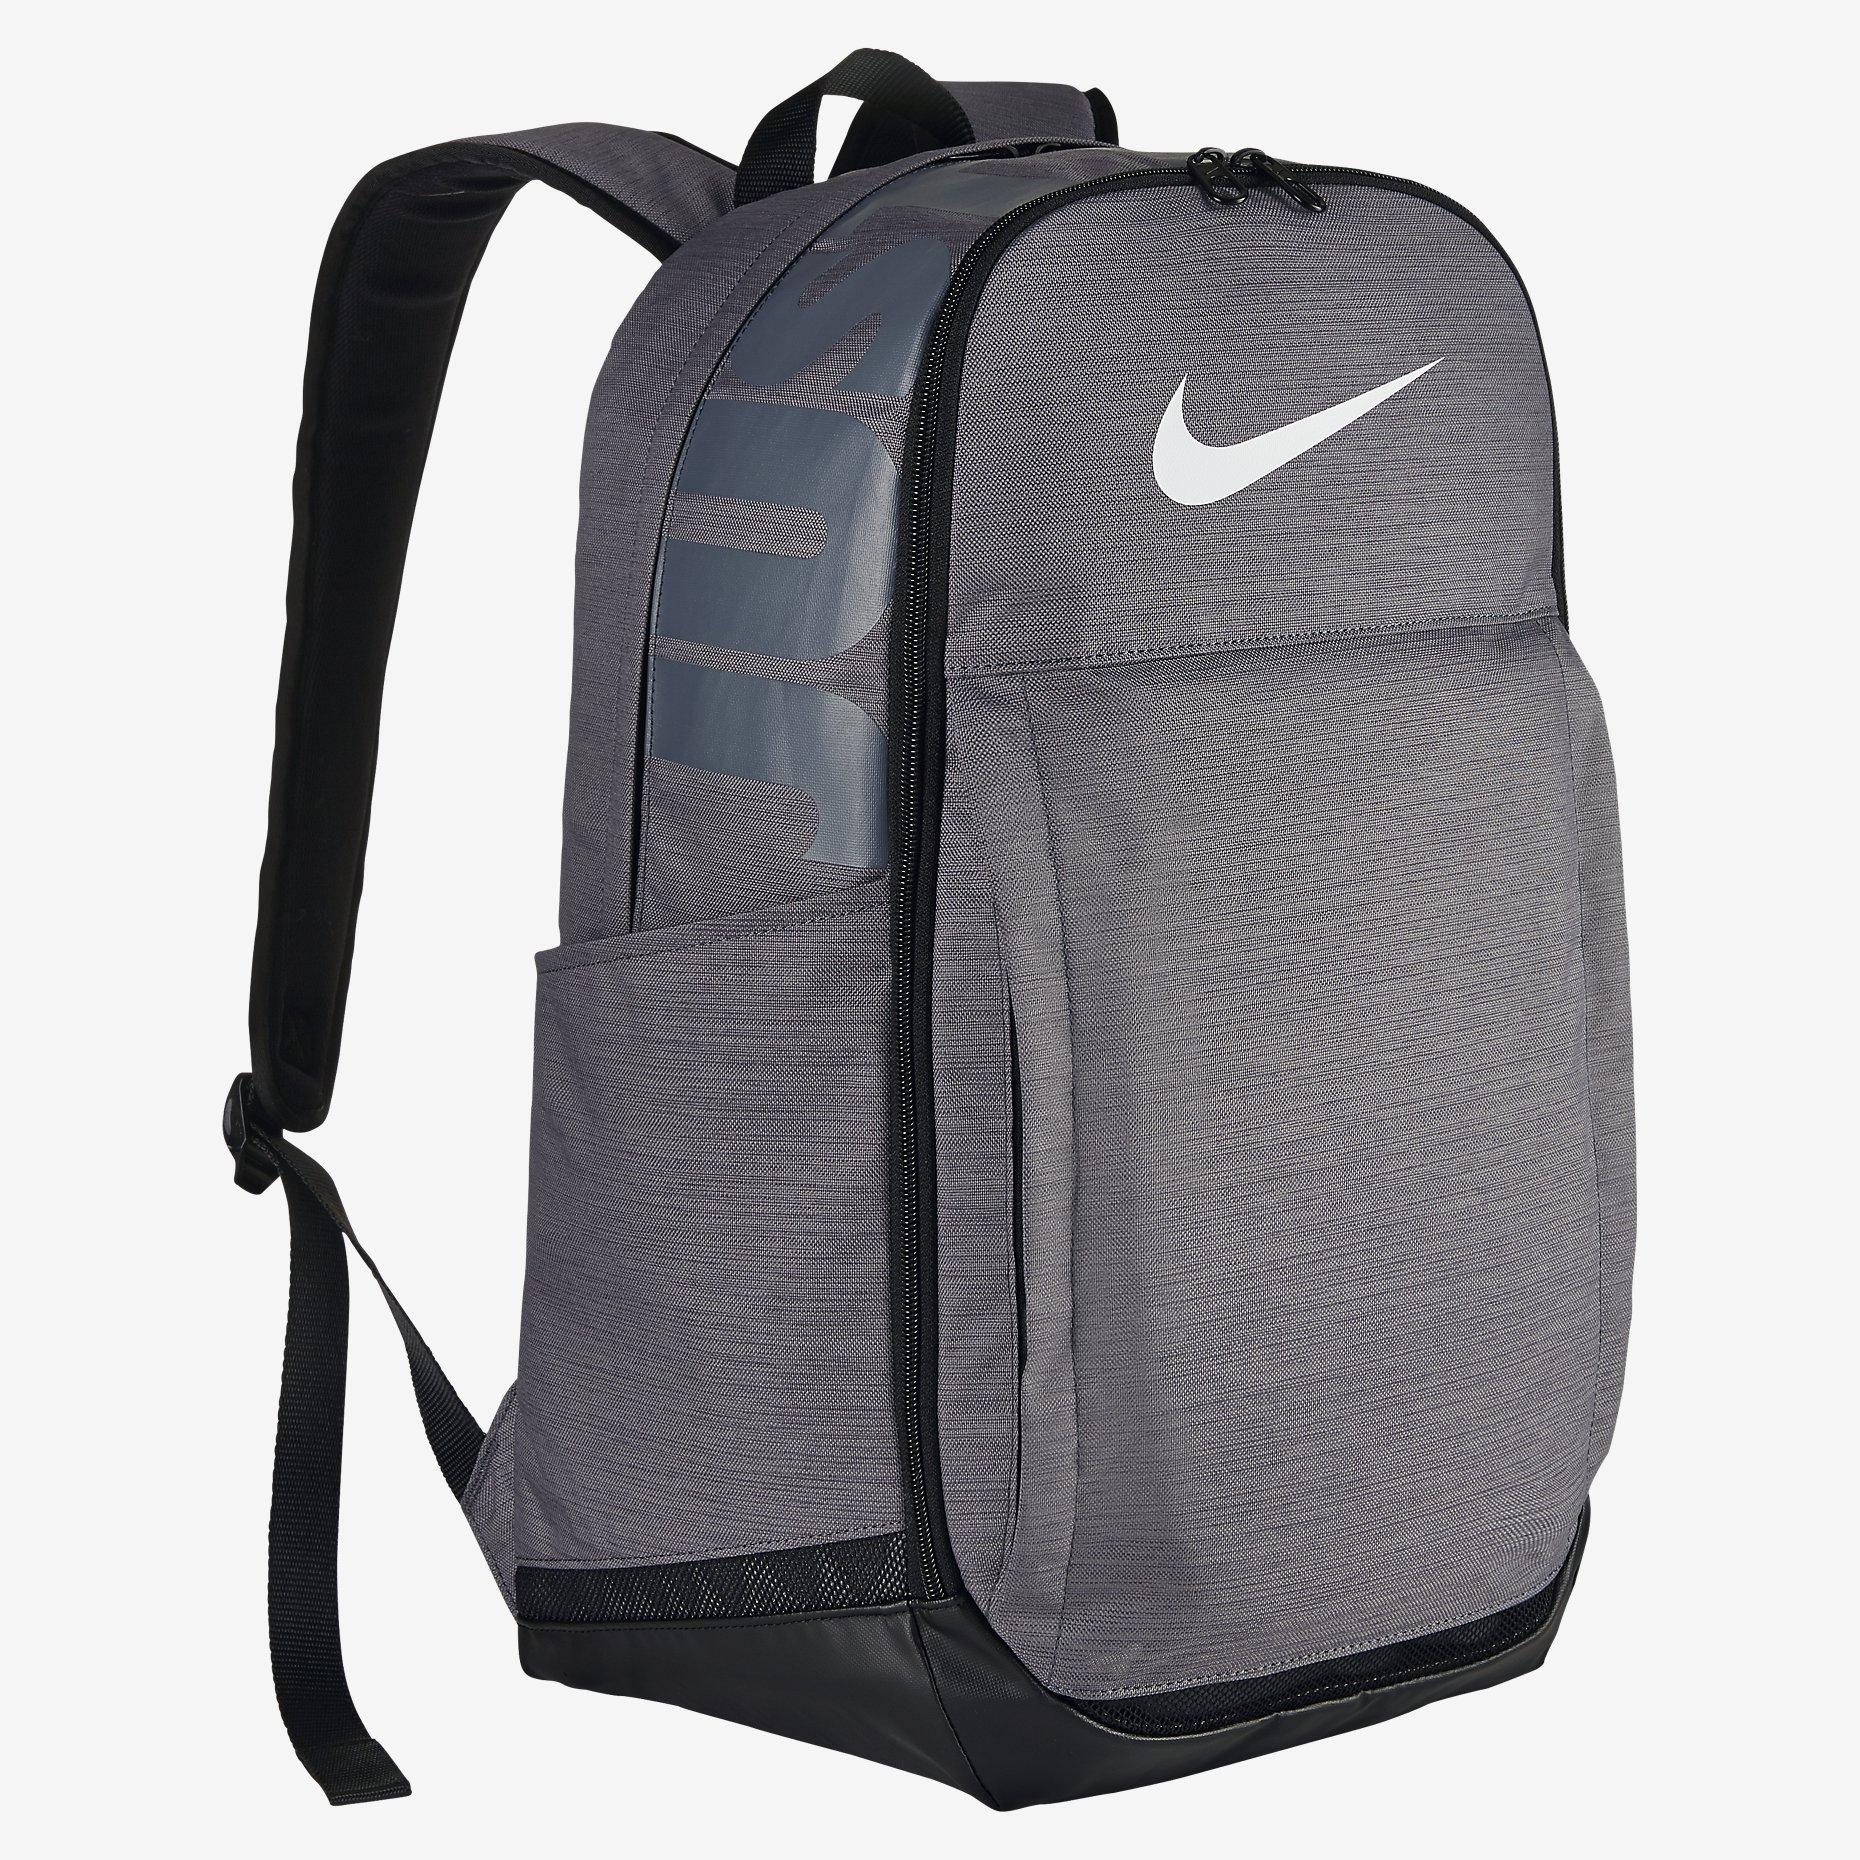 brasilia-extra-large-training-backpack (3).jpg